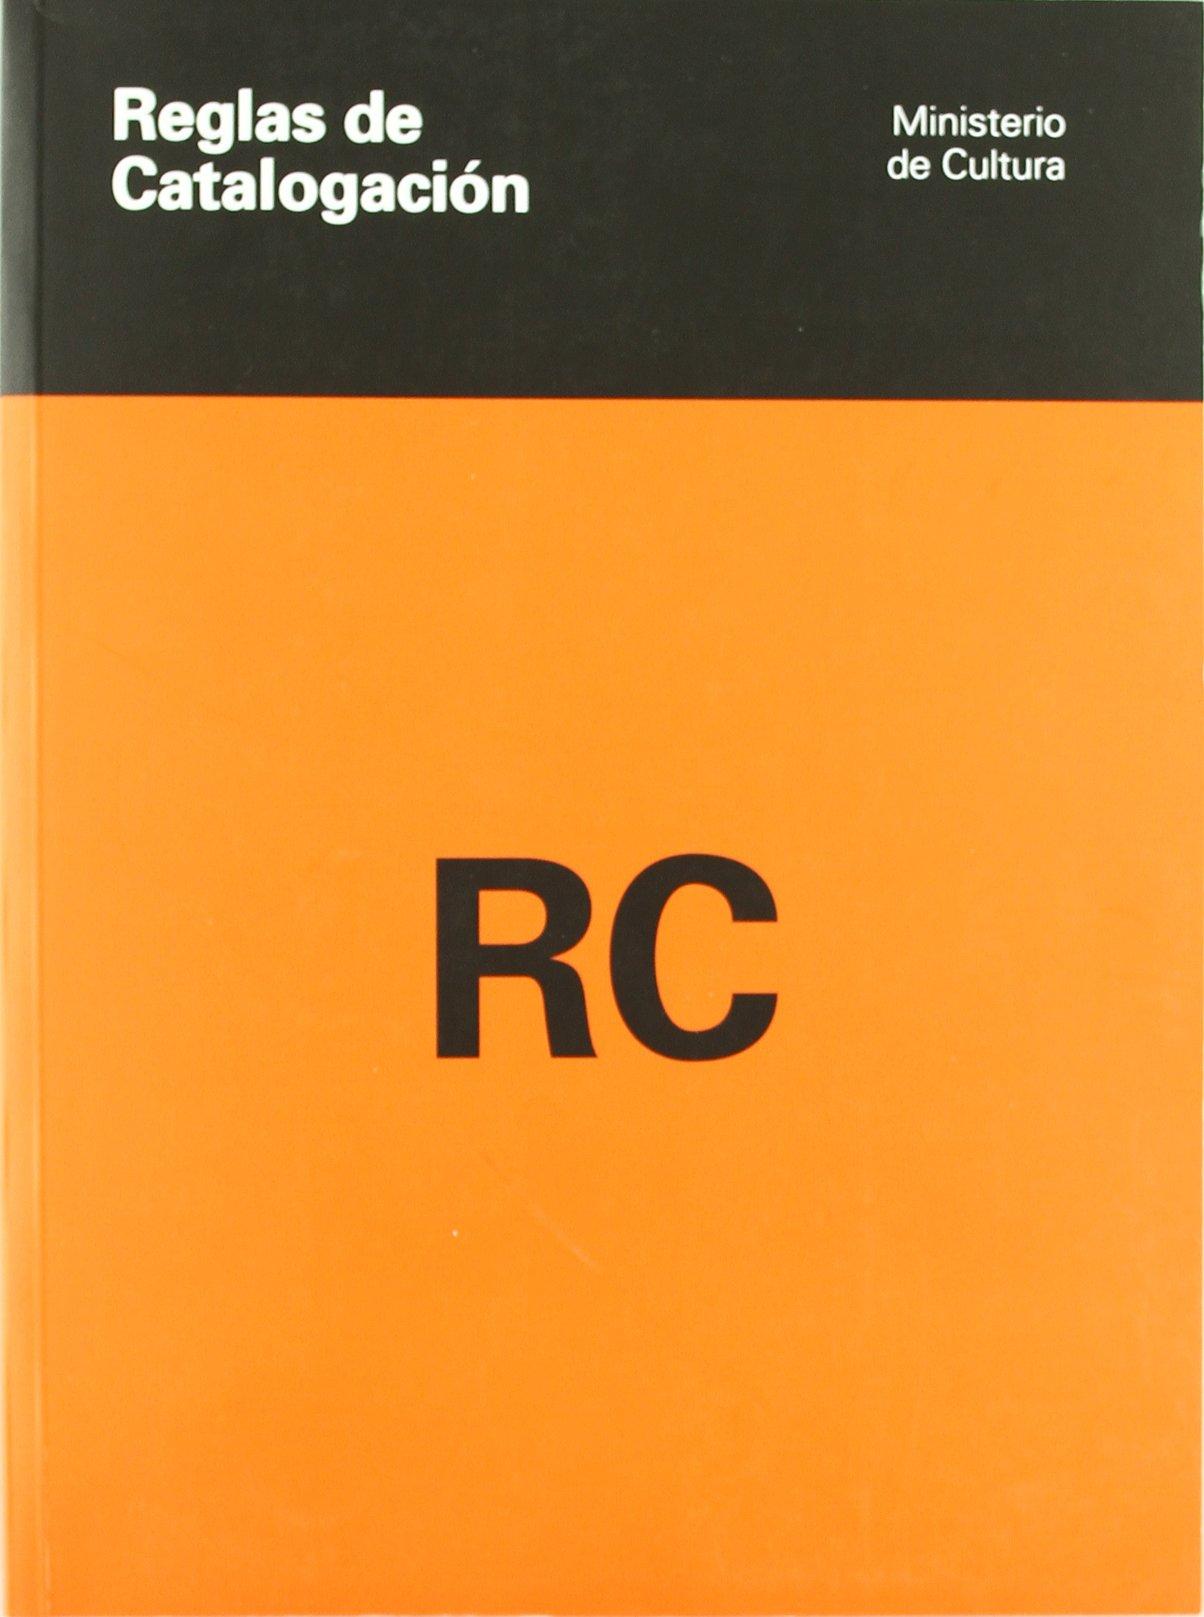 Resultado de imagen de reglas de catalogacion